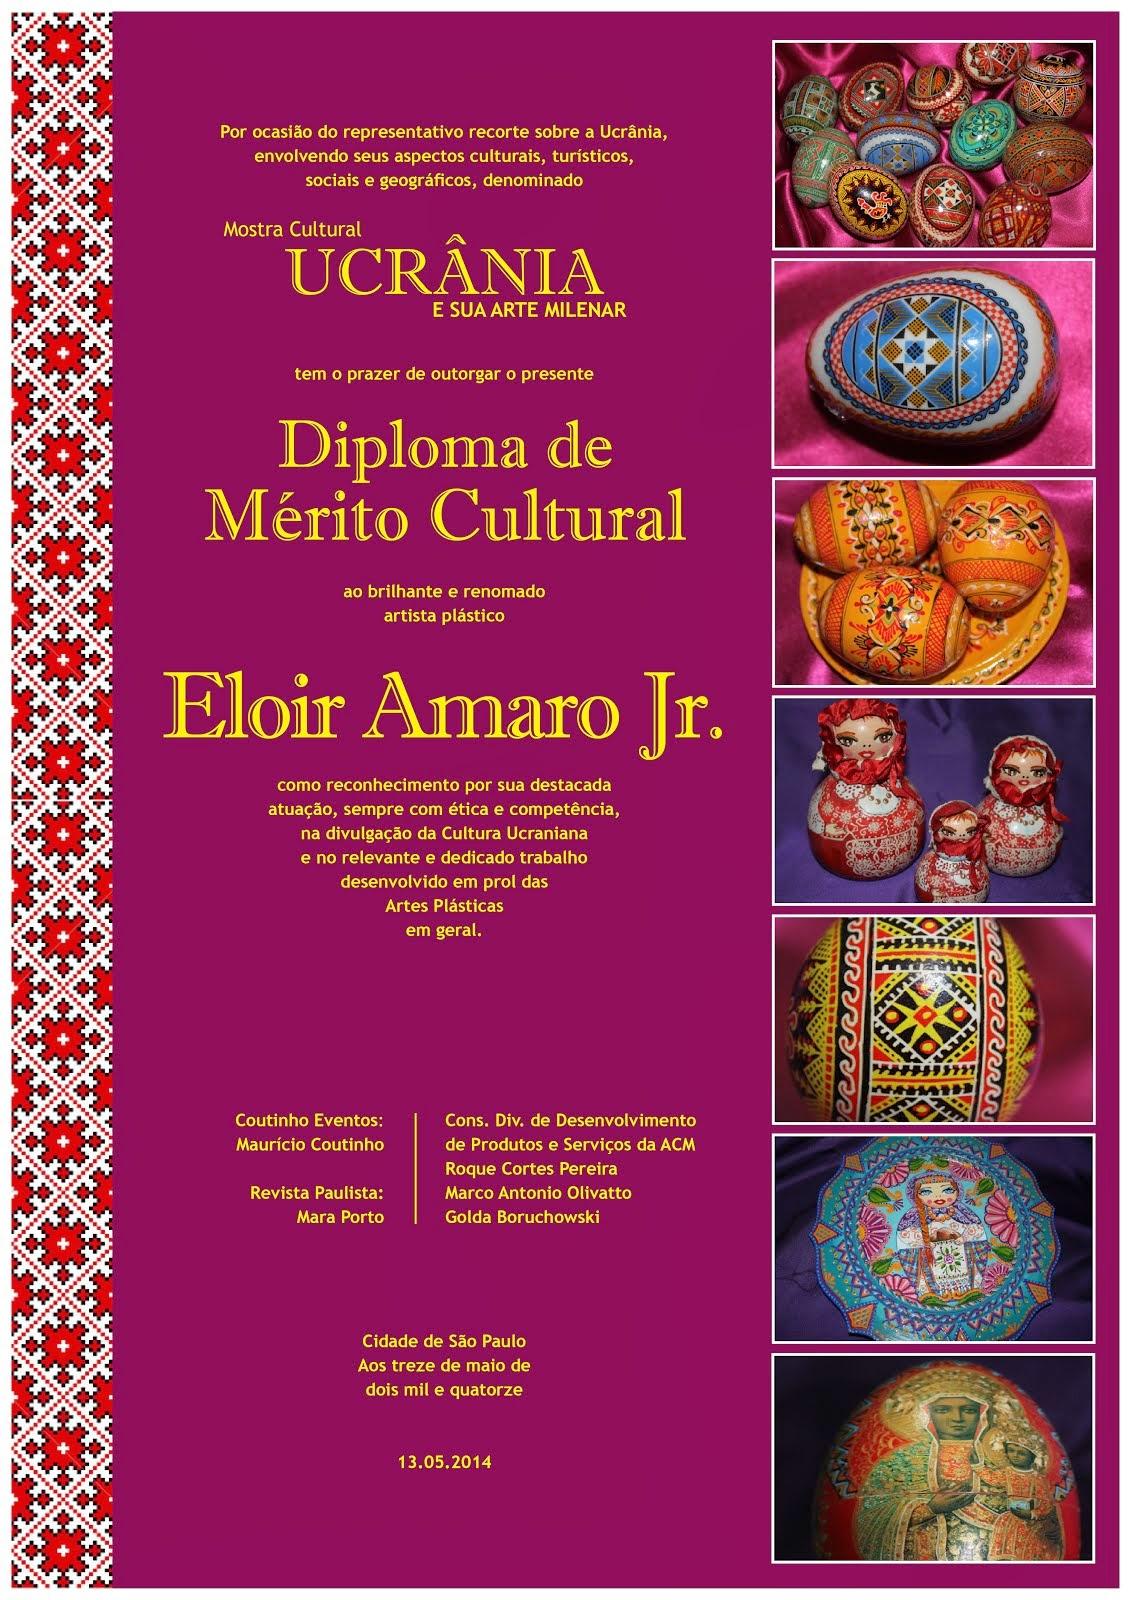 Diploma de Mérito Cultural recebido em São Paulo.